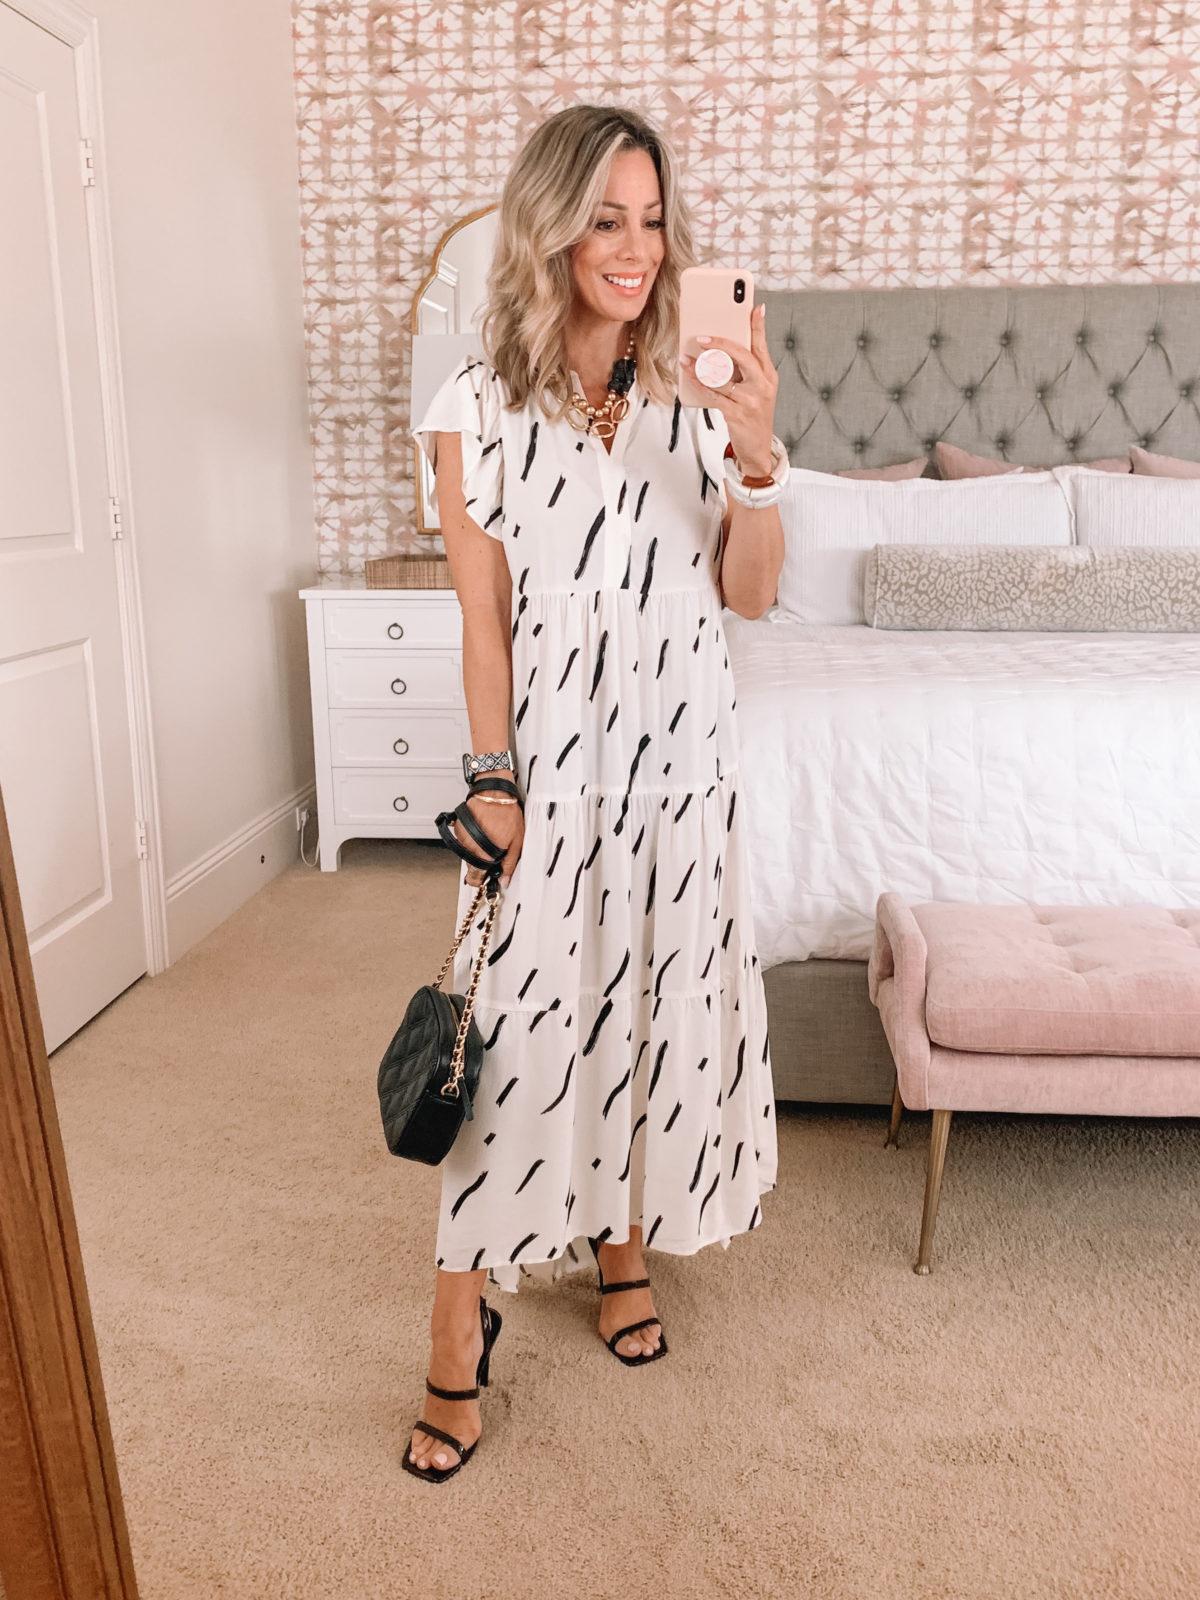 Dressing Room Finds, Maxi Dress, Heels, Crossbody